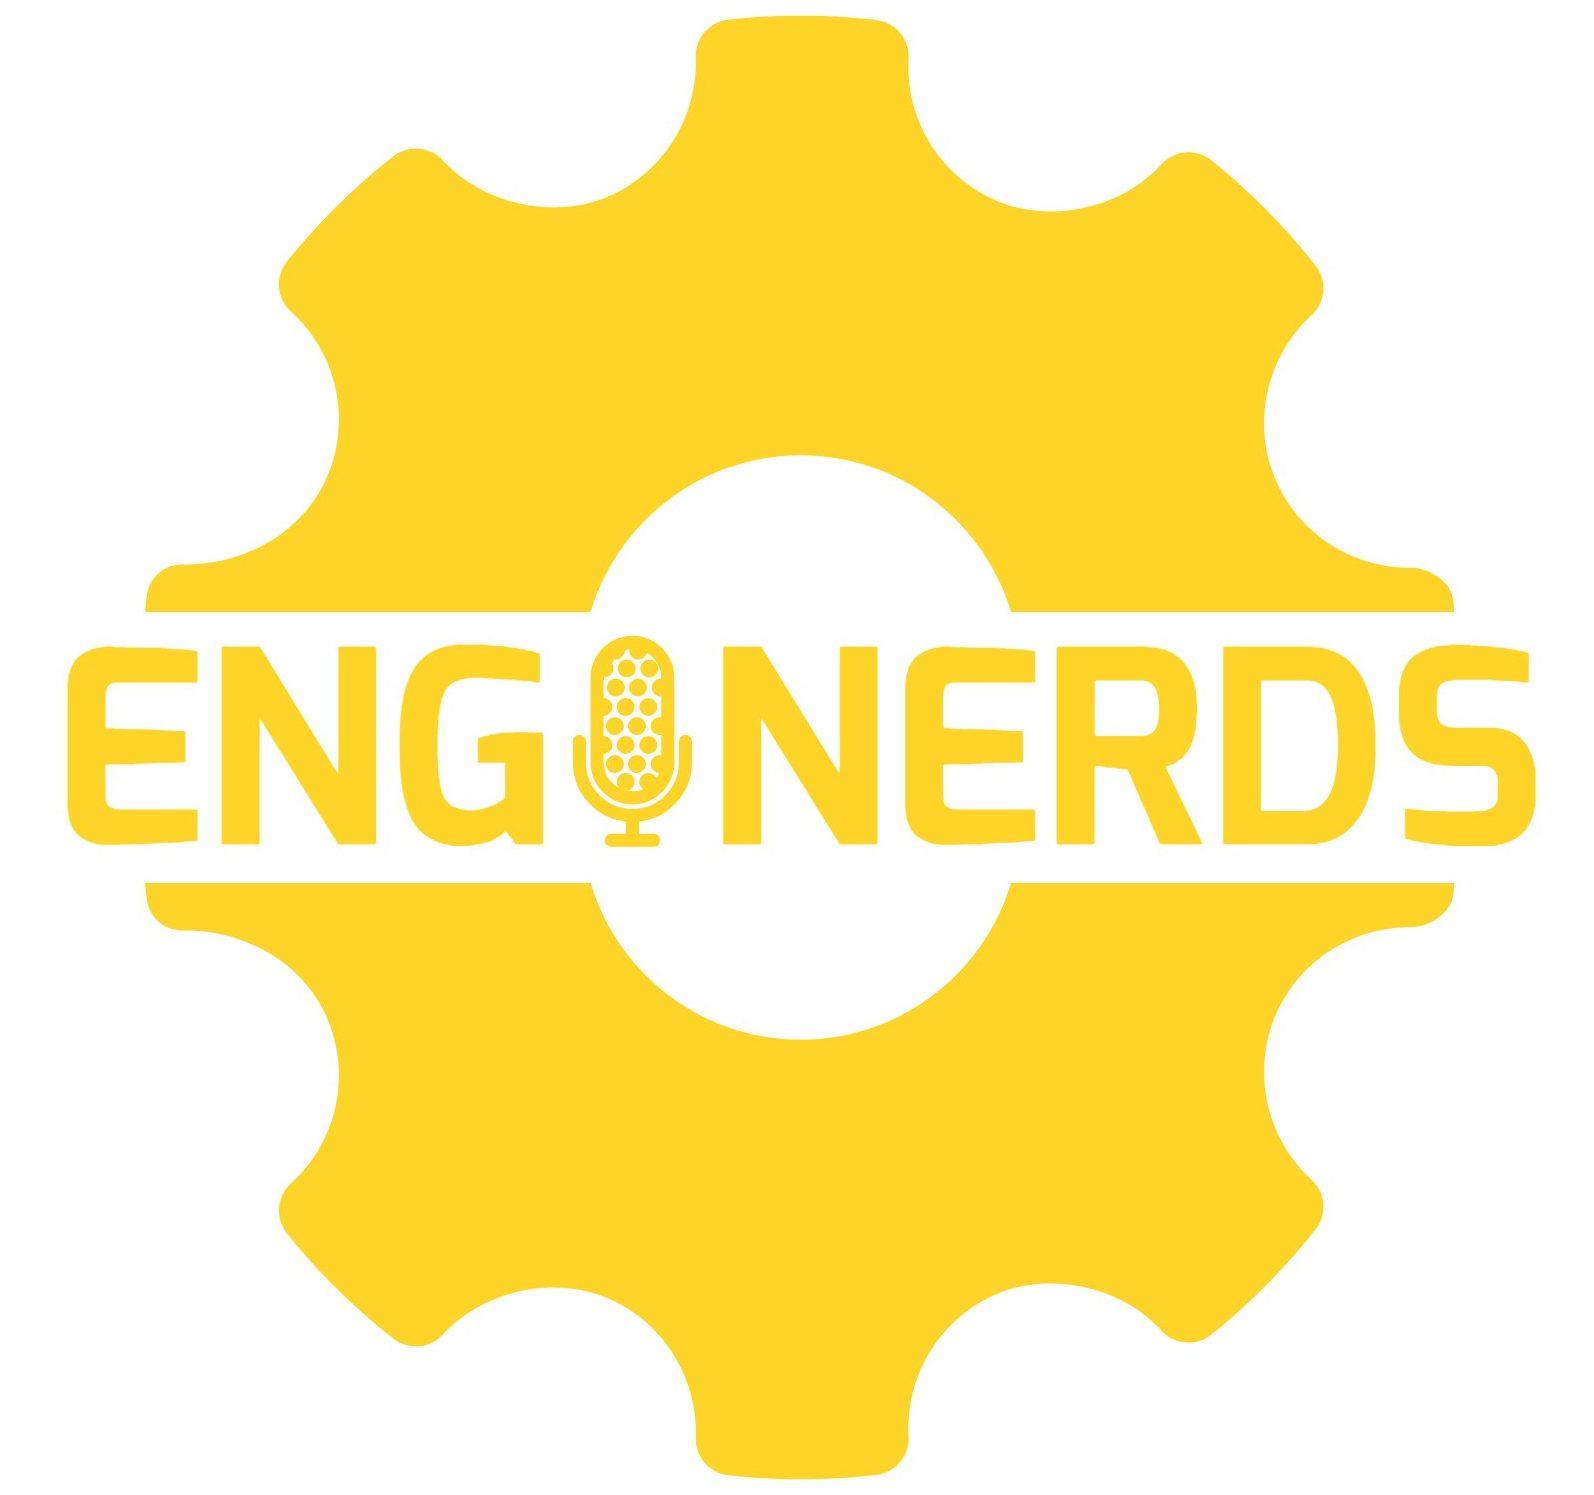 enginerds